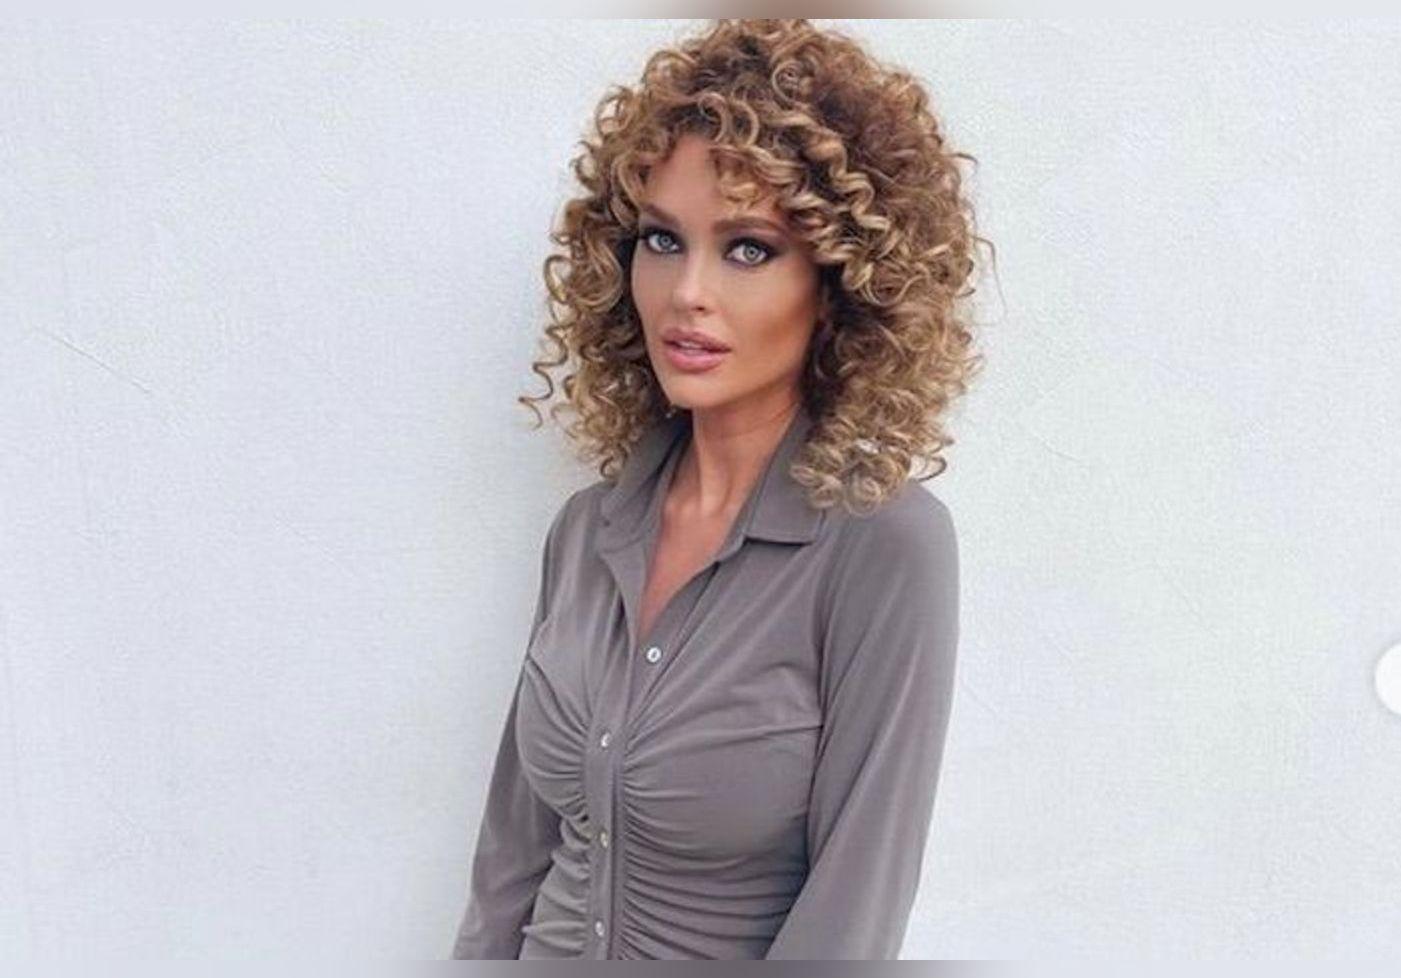 Notre sélection de robes chemises pour être aussi classe que Caroline Receveur